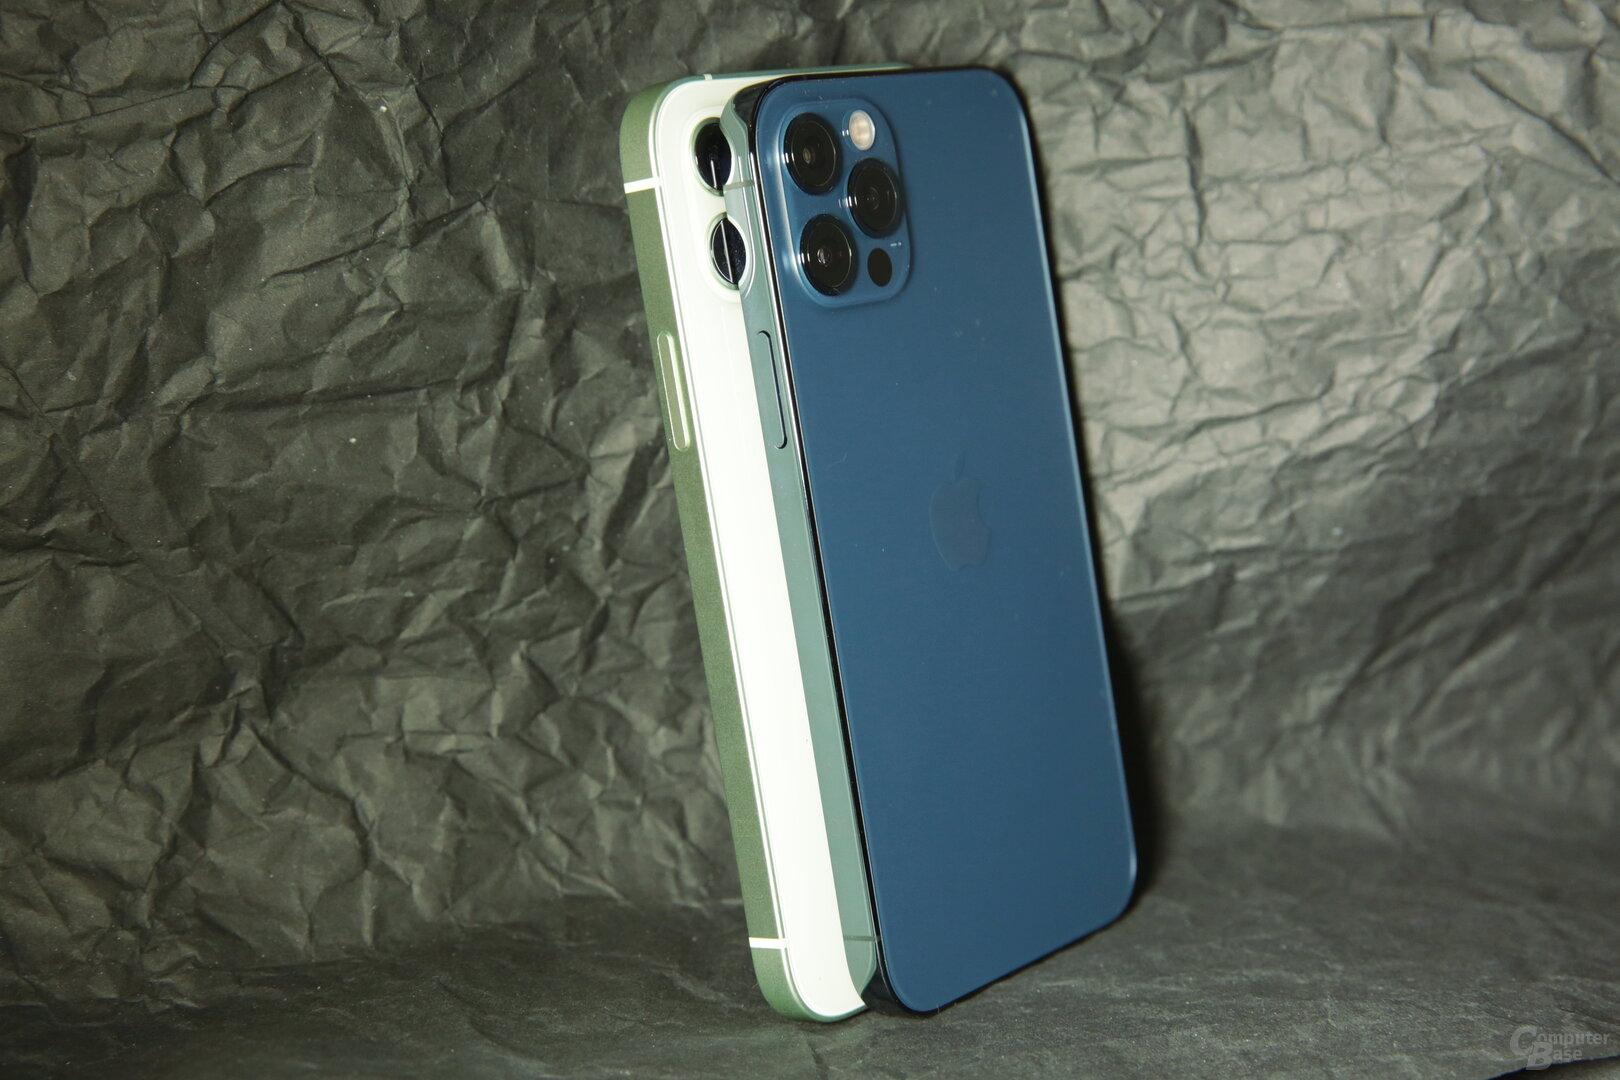 Mattes vs. glänzendes Design bei iPhone 12 und iPhone 12 Pro